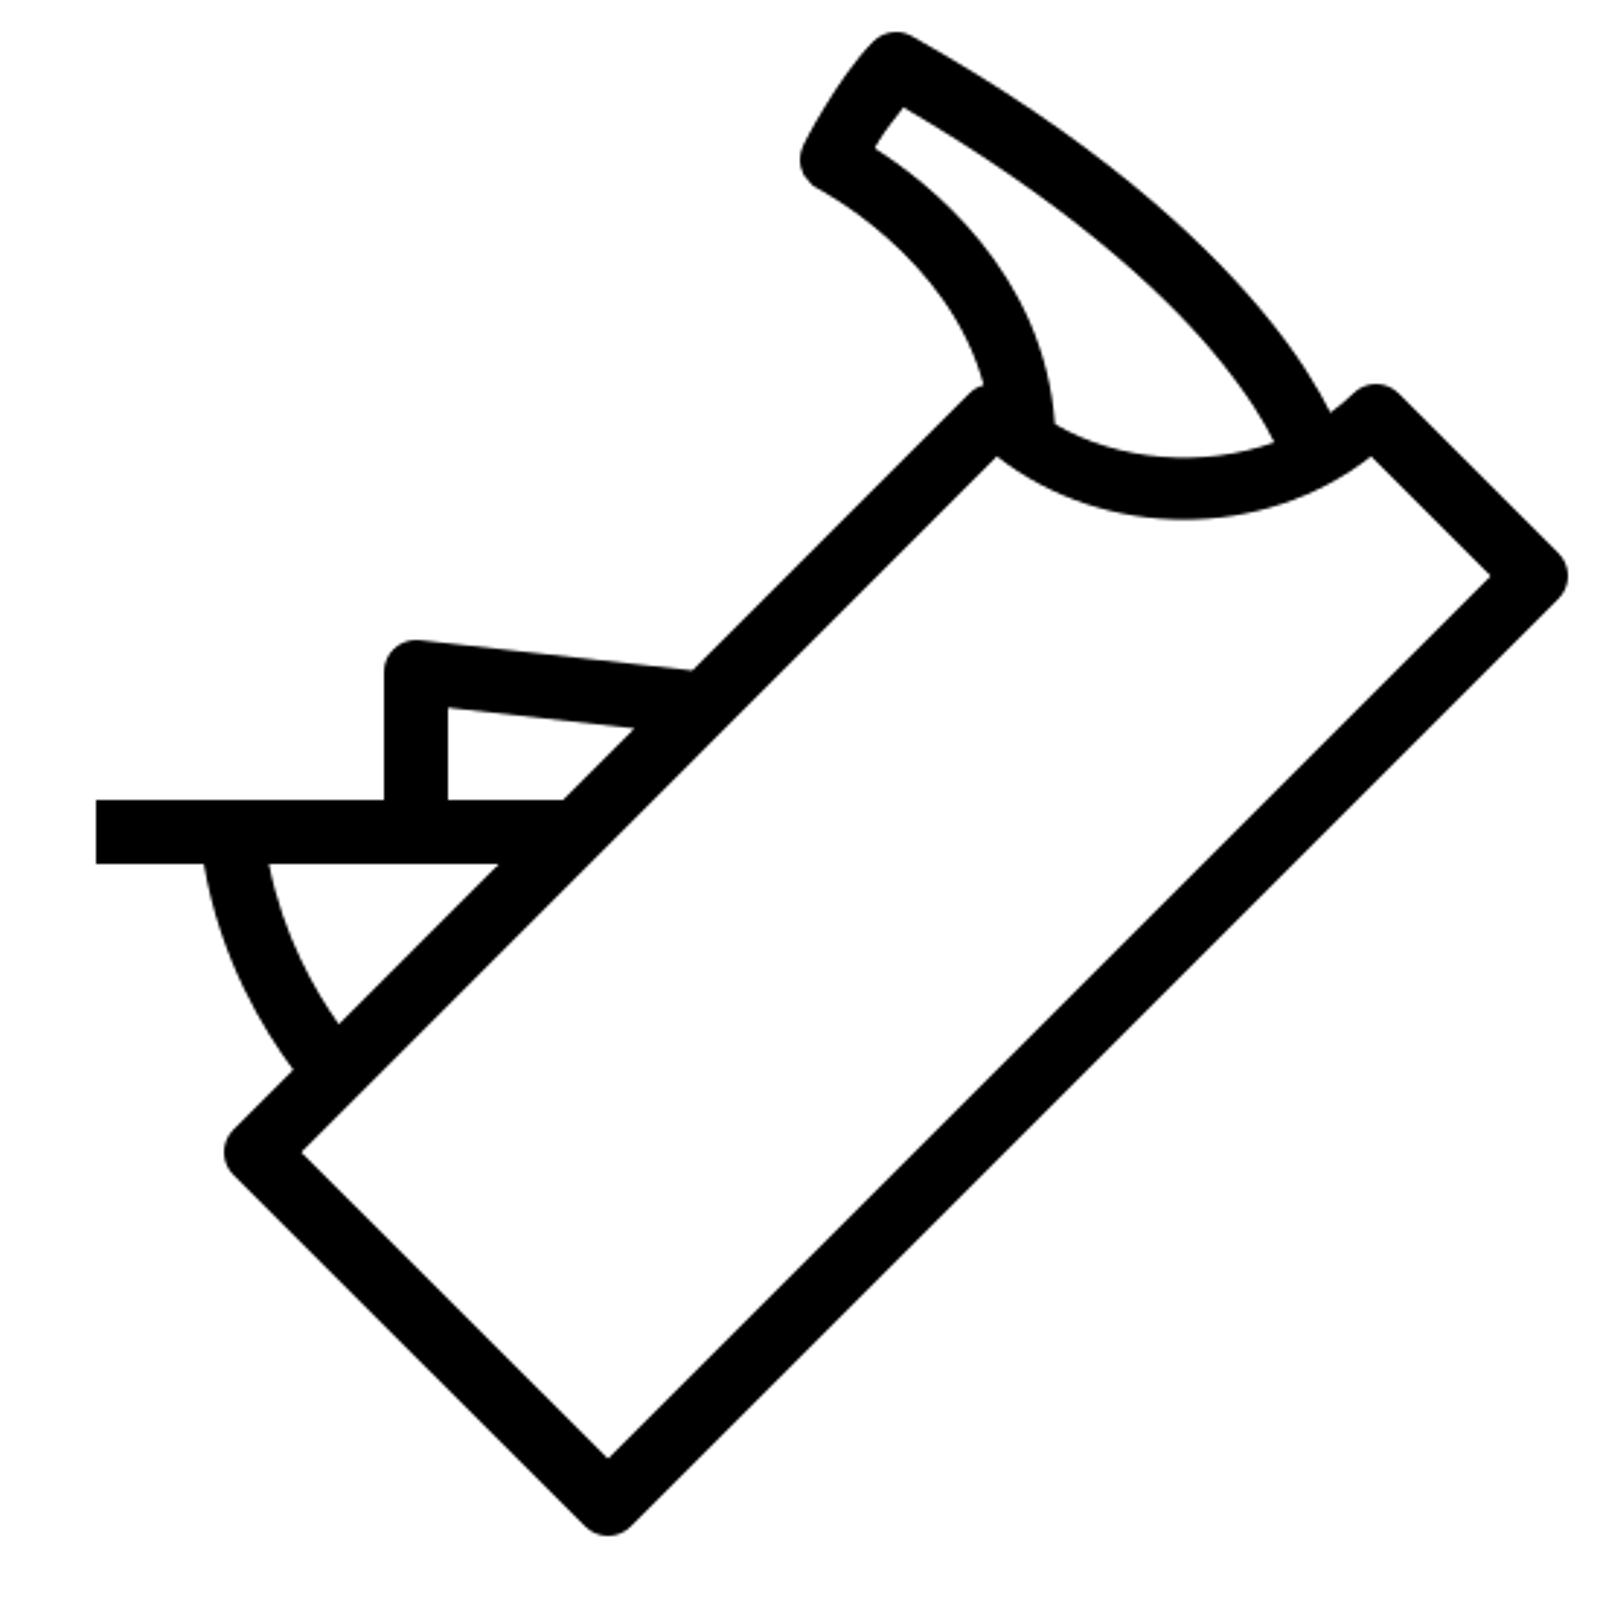 Drewniany Płaszczyzna Ręczna icon